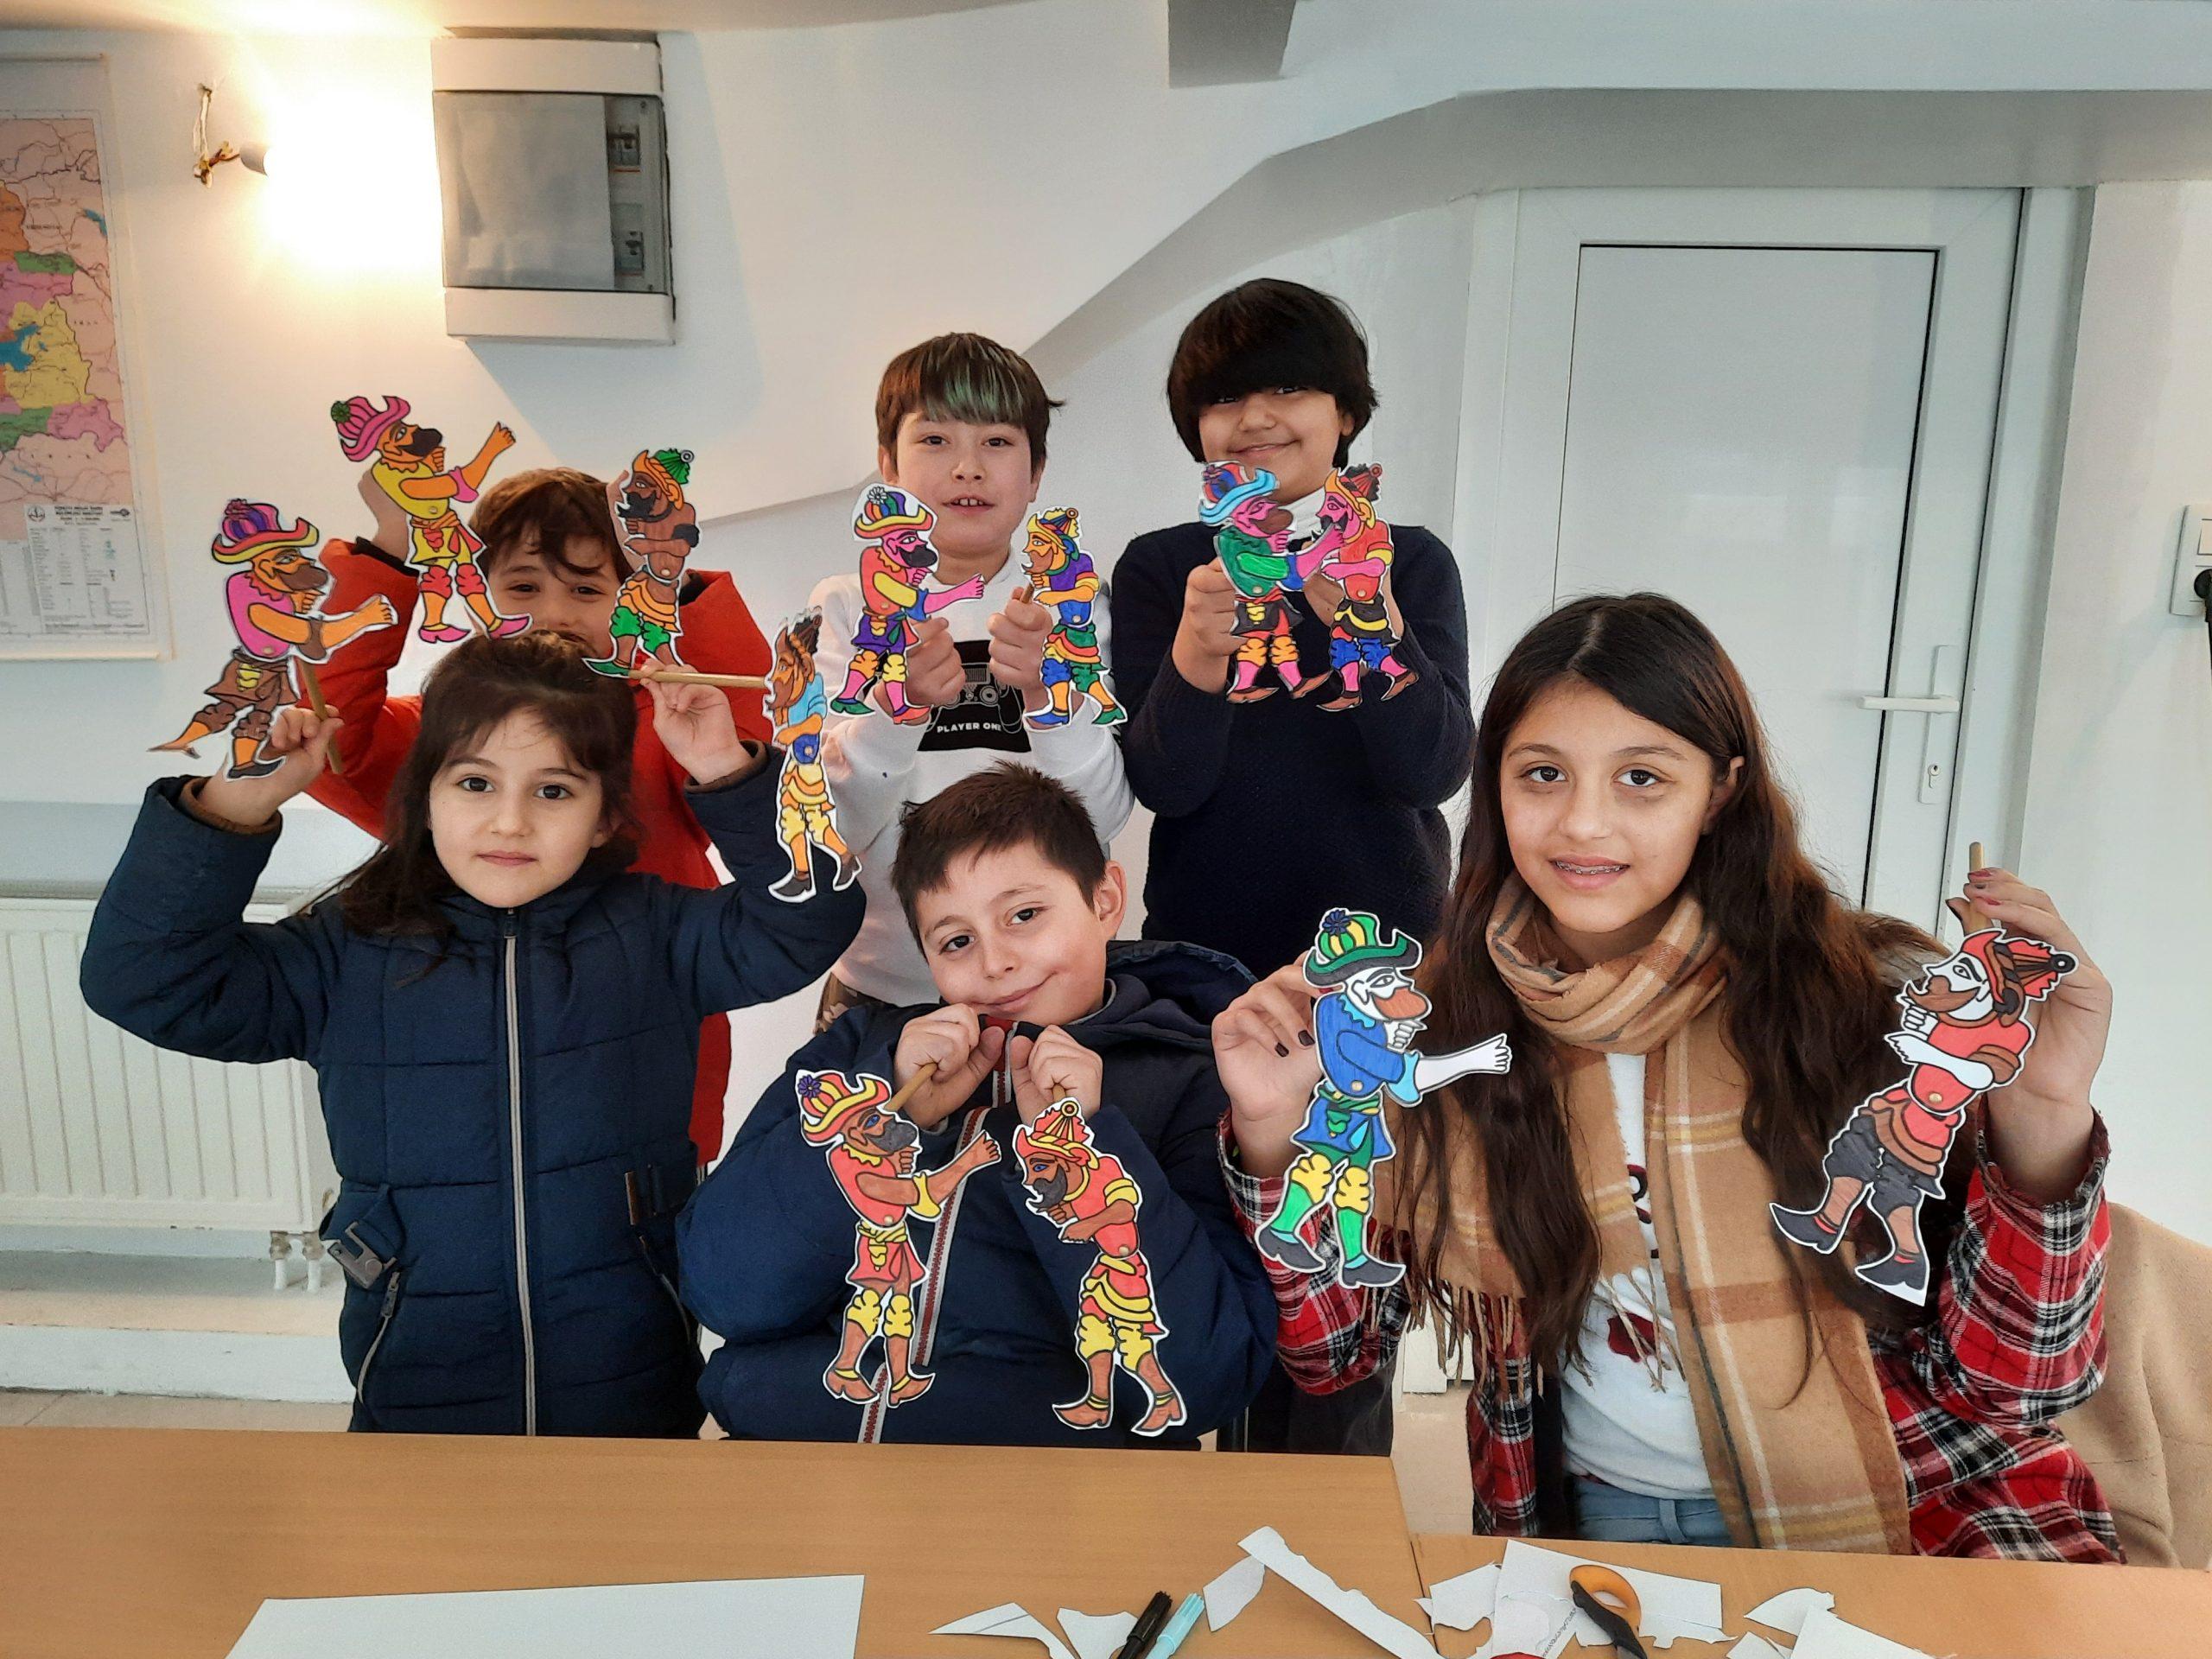 Brüksel'de Türkçe derslerinde Hacivat ve Karagöz karakterlerinin kuklalarını yapıldı